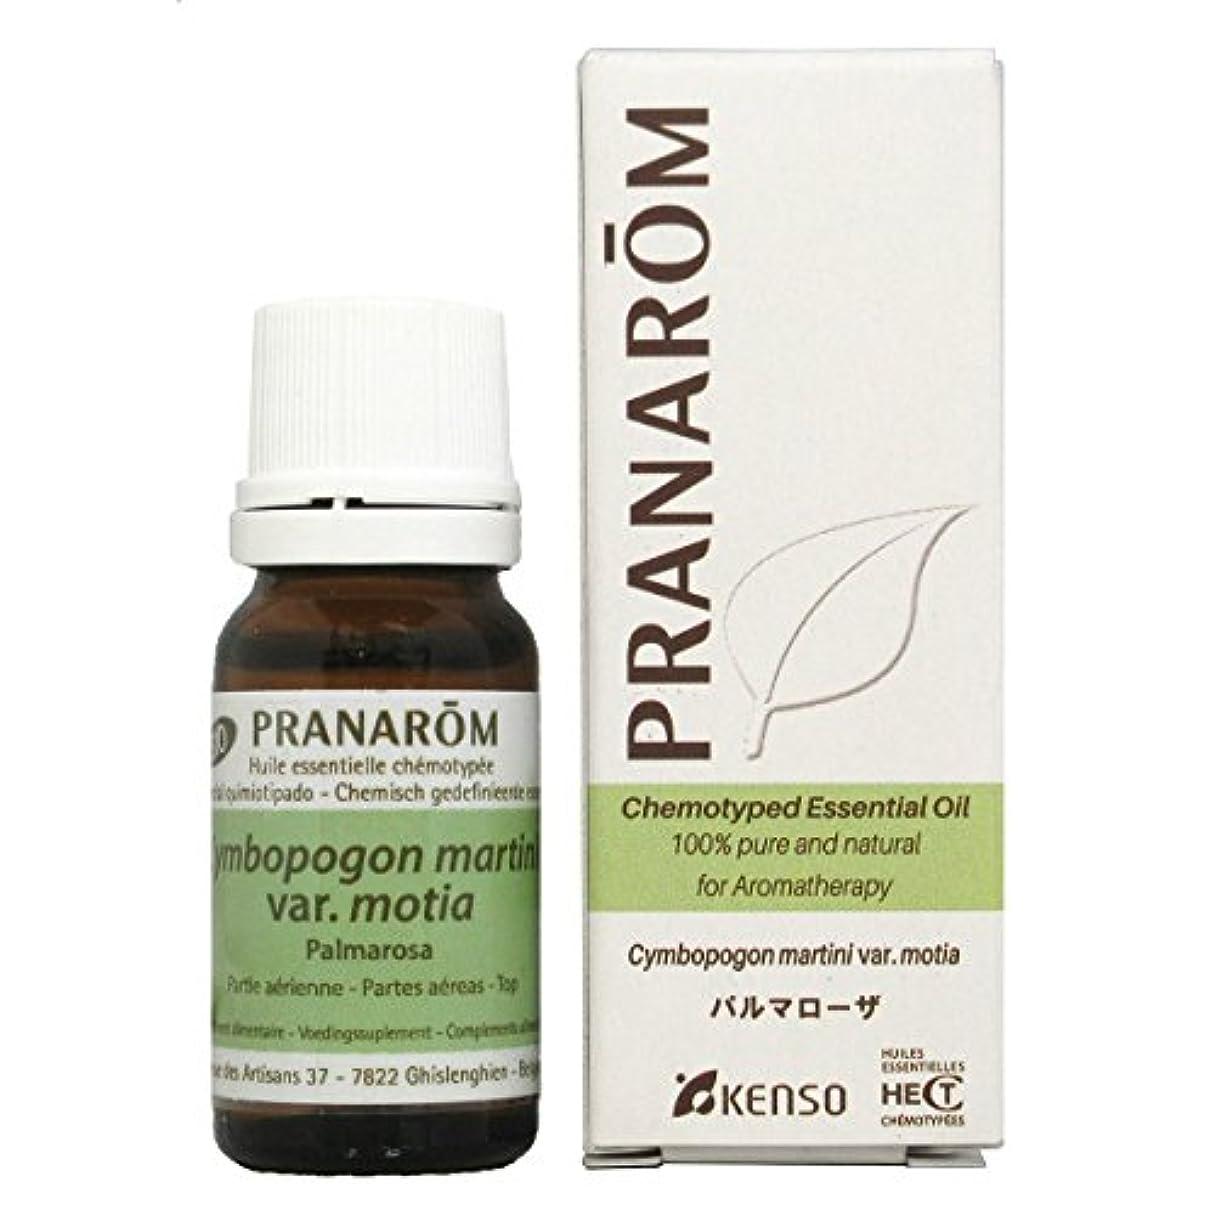 ロッジむしろ不信【パルマローザ 10ml】→バラに似たフローラルな香り?(リラックスハーブ系)[PRANAROM(プラナロム)精油/アロマオイル/エッセンシャルオイル]P-59